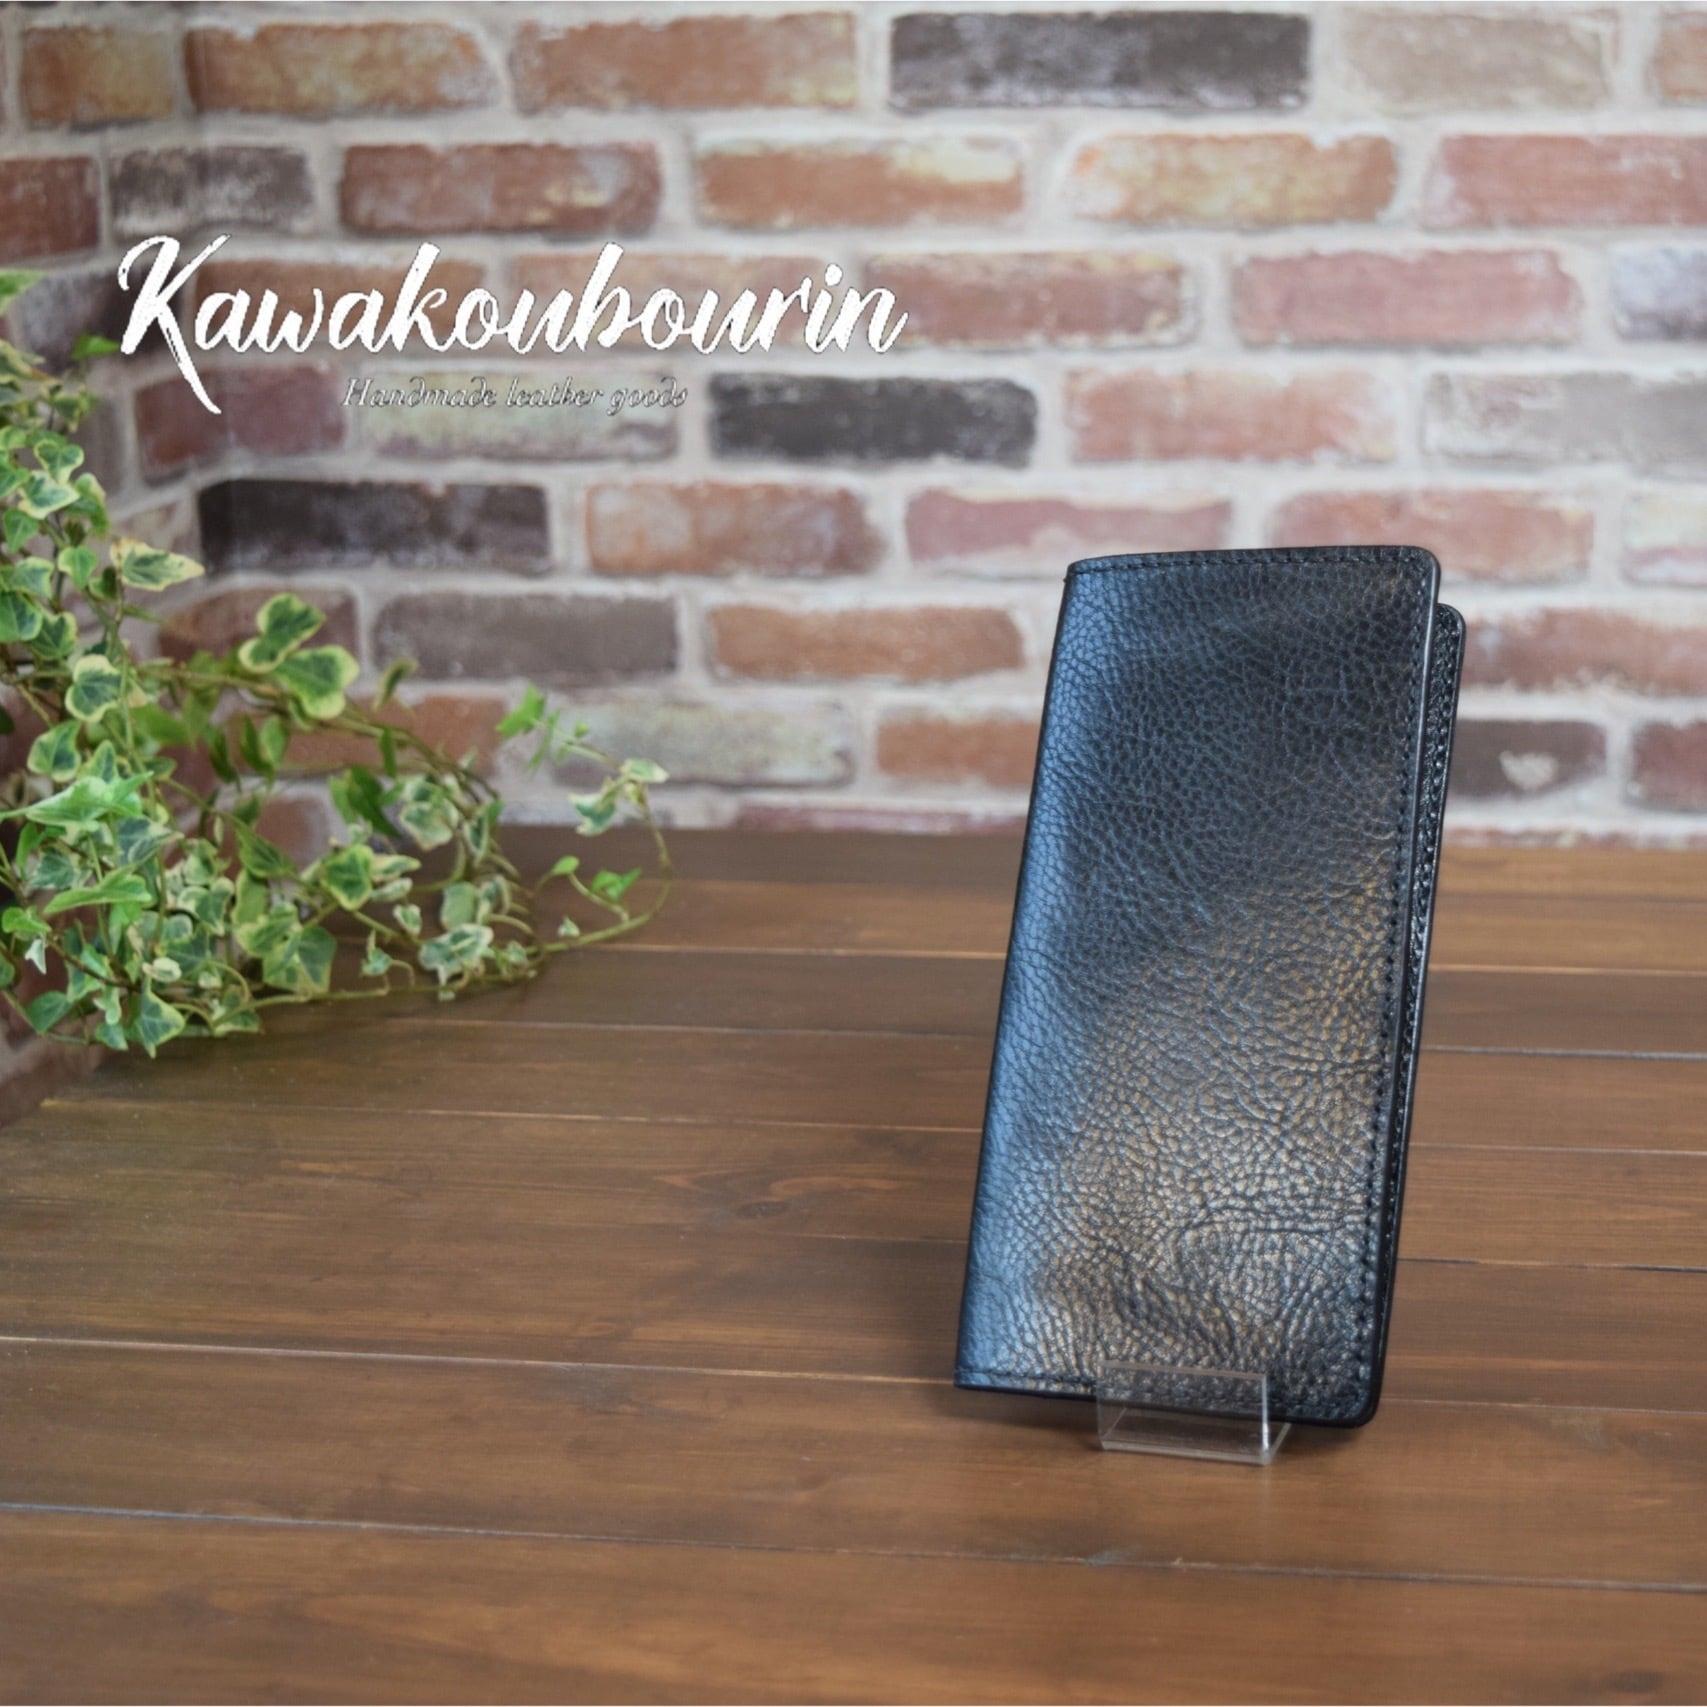 【オーダーメイド制作例】2つ折り長財布 スリットカード入れタイプ   (KA218b2)